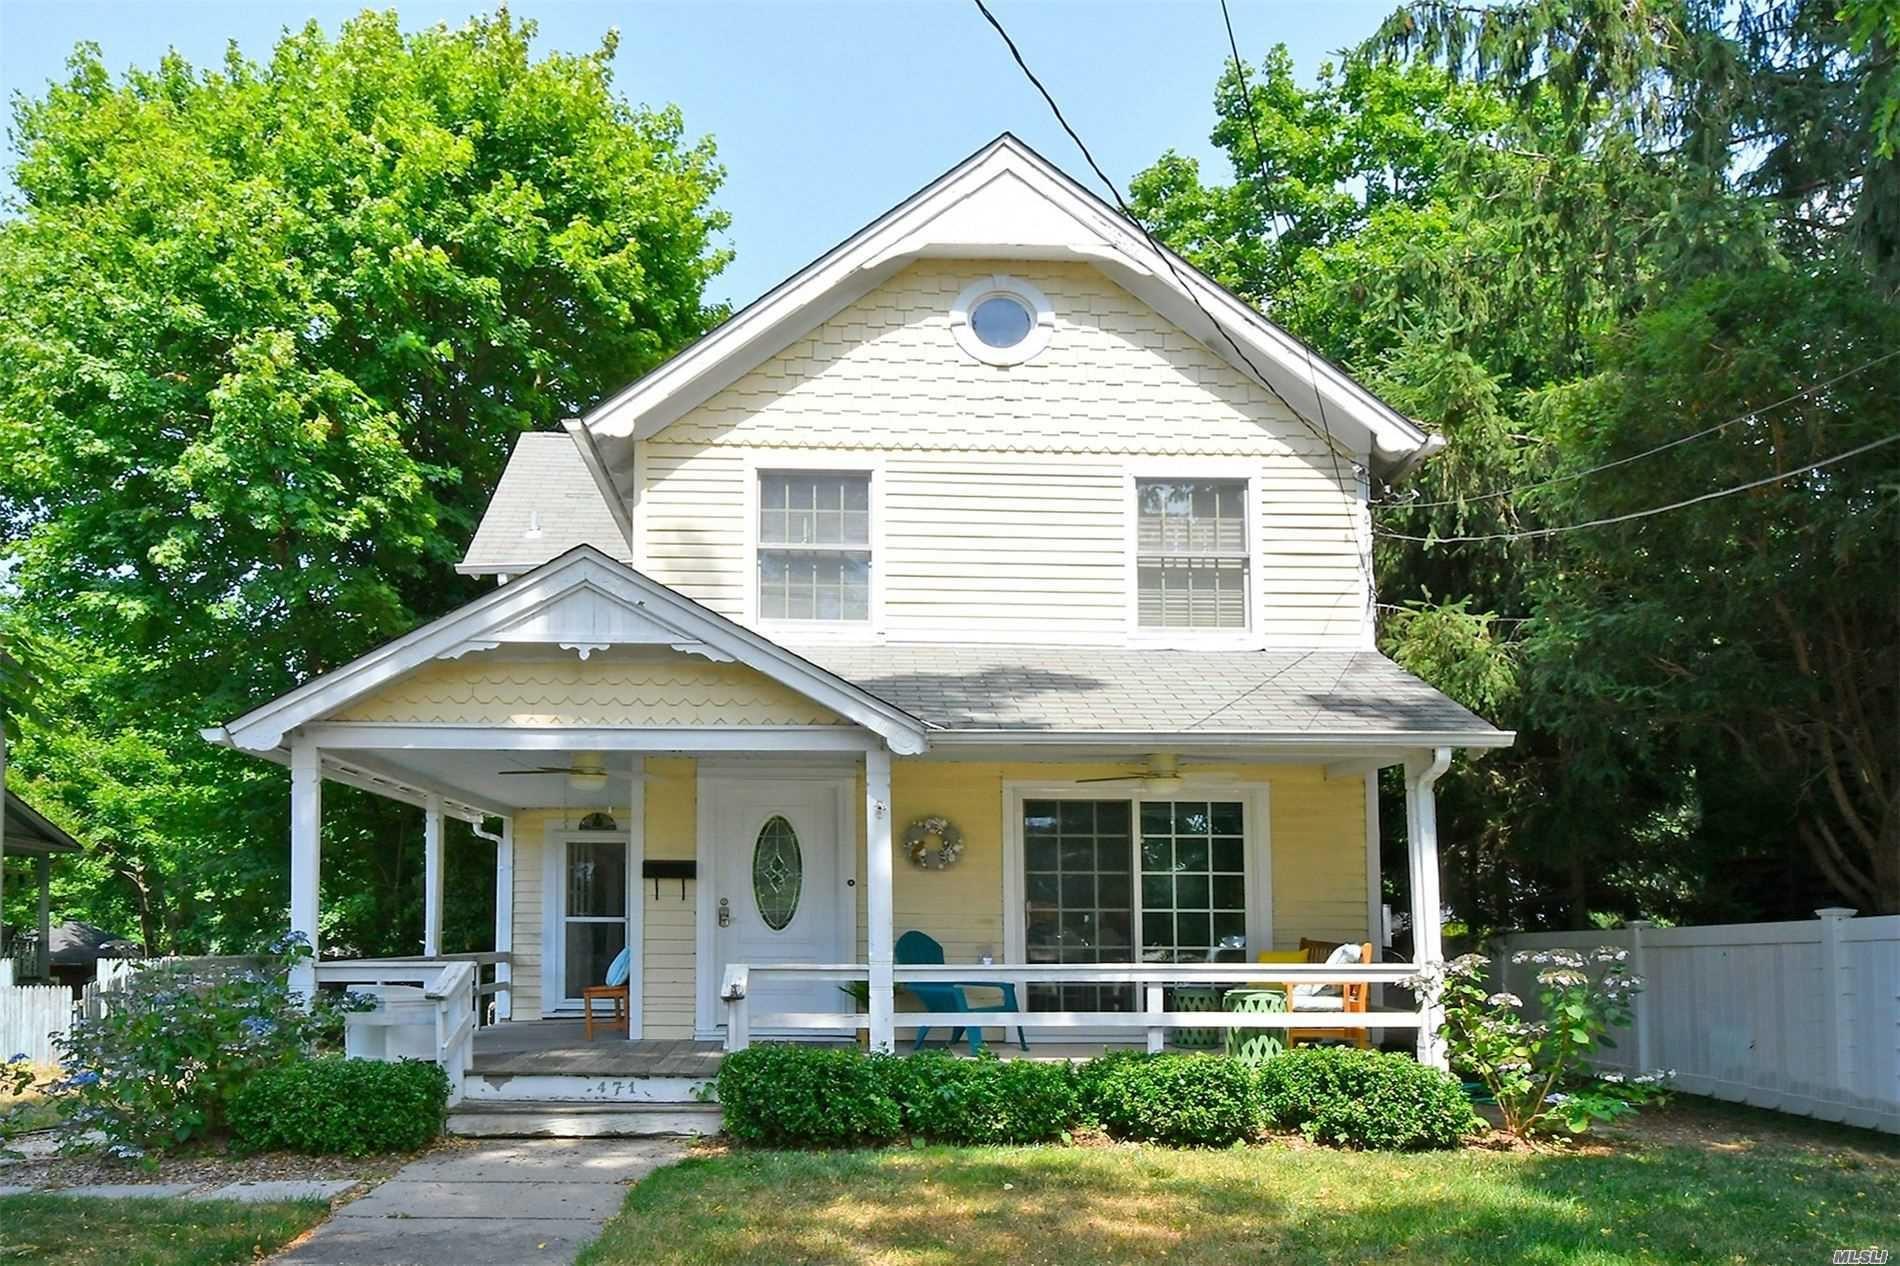 471 Main Street, Northport, NY 11768 - MLS#: 3235047